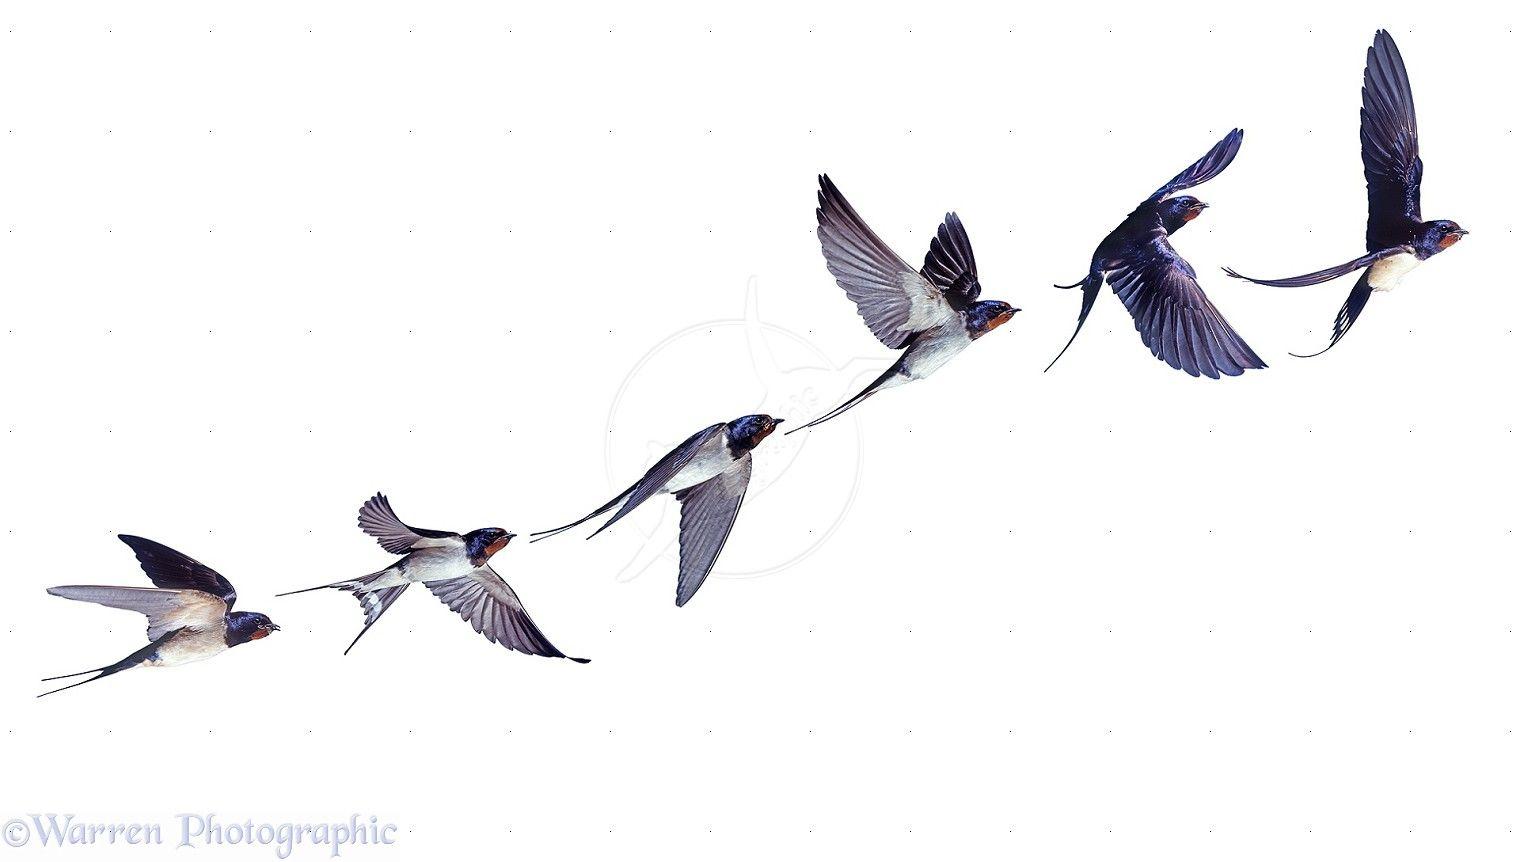 swallow birds in flight - Google Search | Swallow bird ...